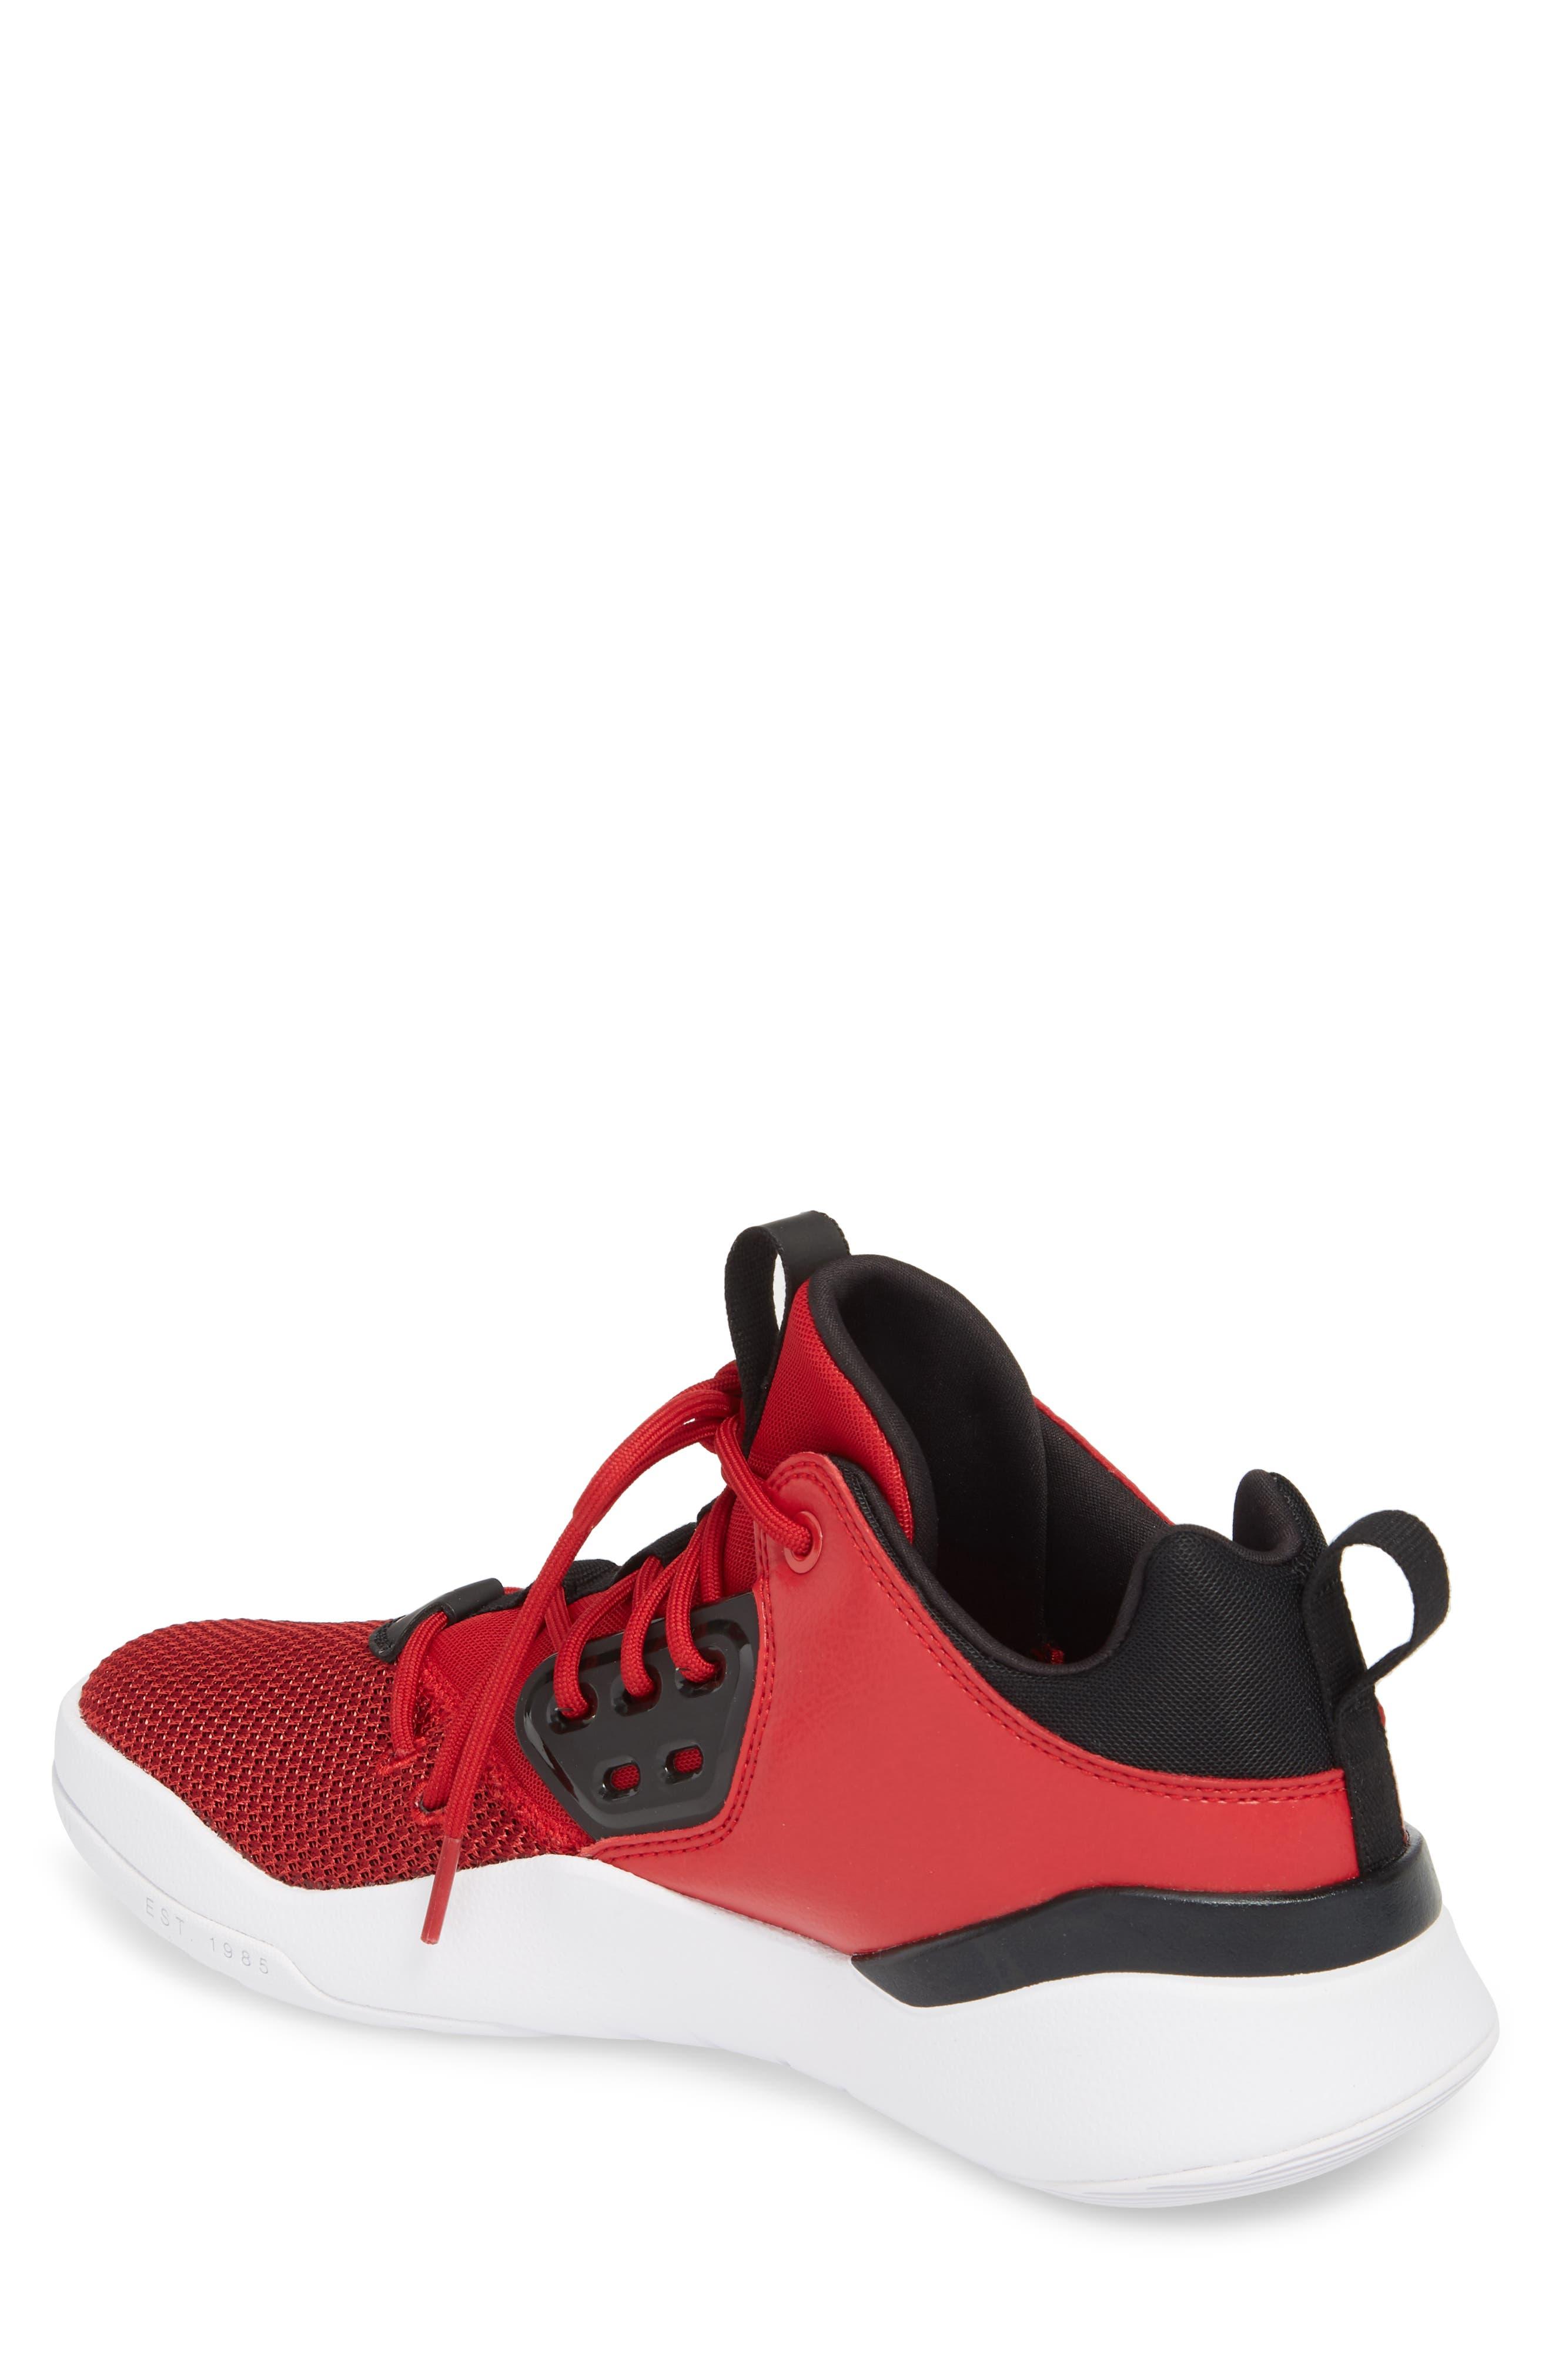 Jordan DNA Sneaker,                             Alternate thumbnail 2, color,                             Gym Red/ Black/ White